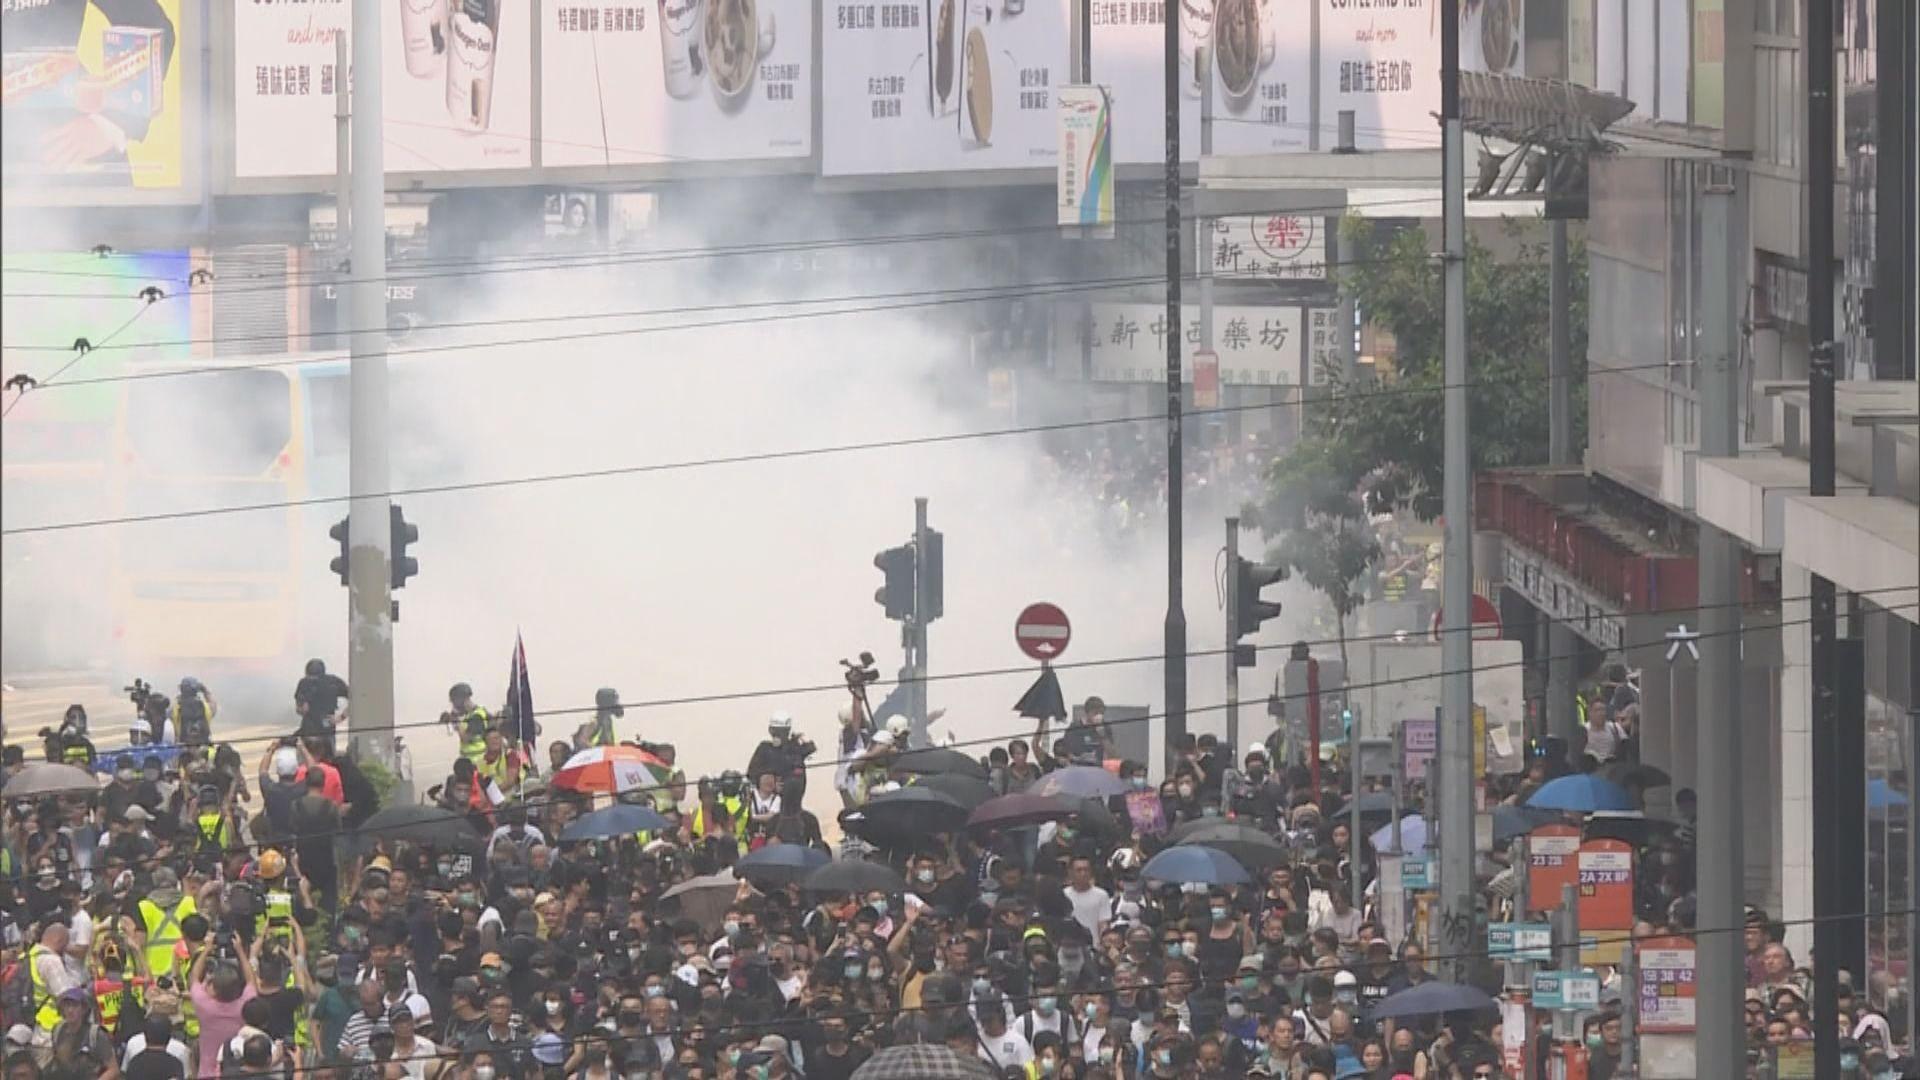 反極權遊行未申請 警催淚彈驅散